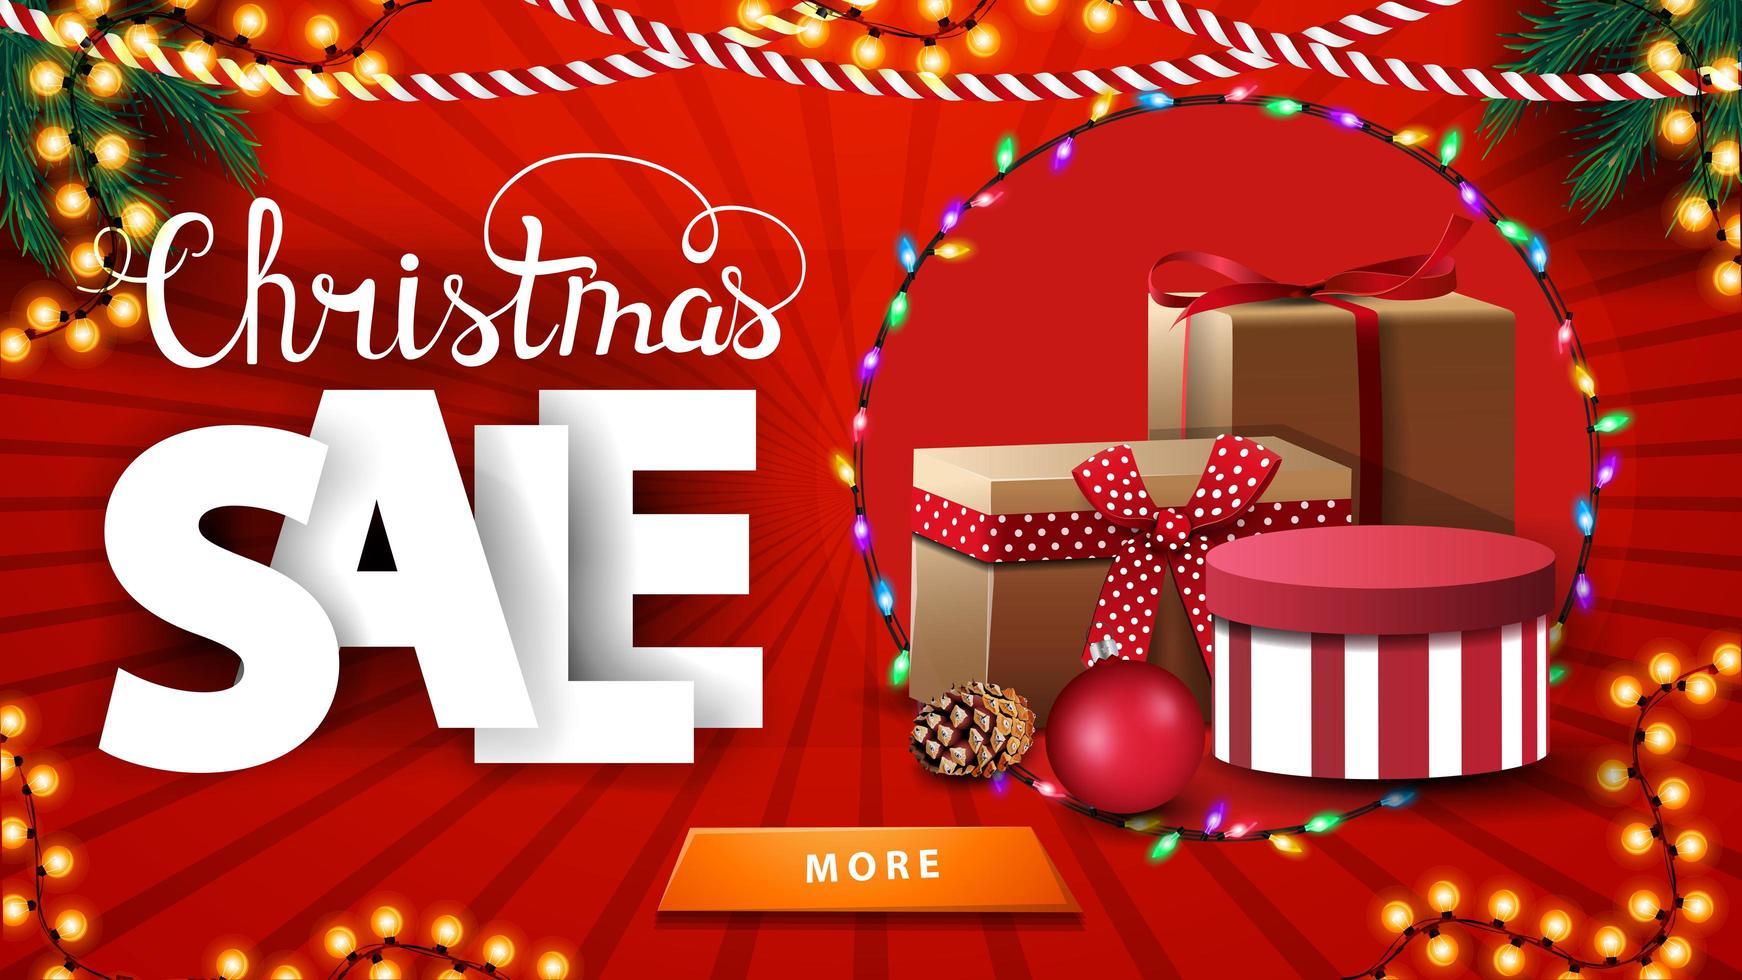 Weihnachtsverkauf, rotes Rabatt helles Banner mit Weihnachtsgirlanden und Geschenken vektor